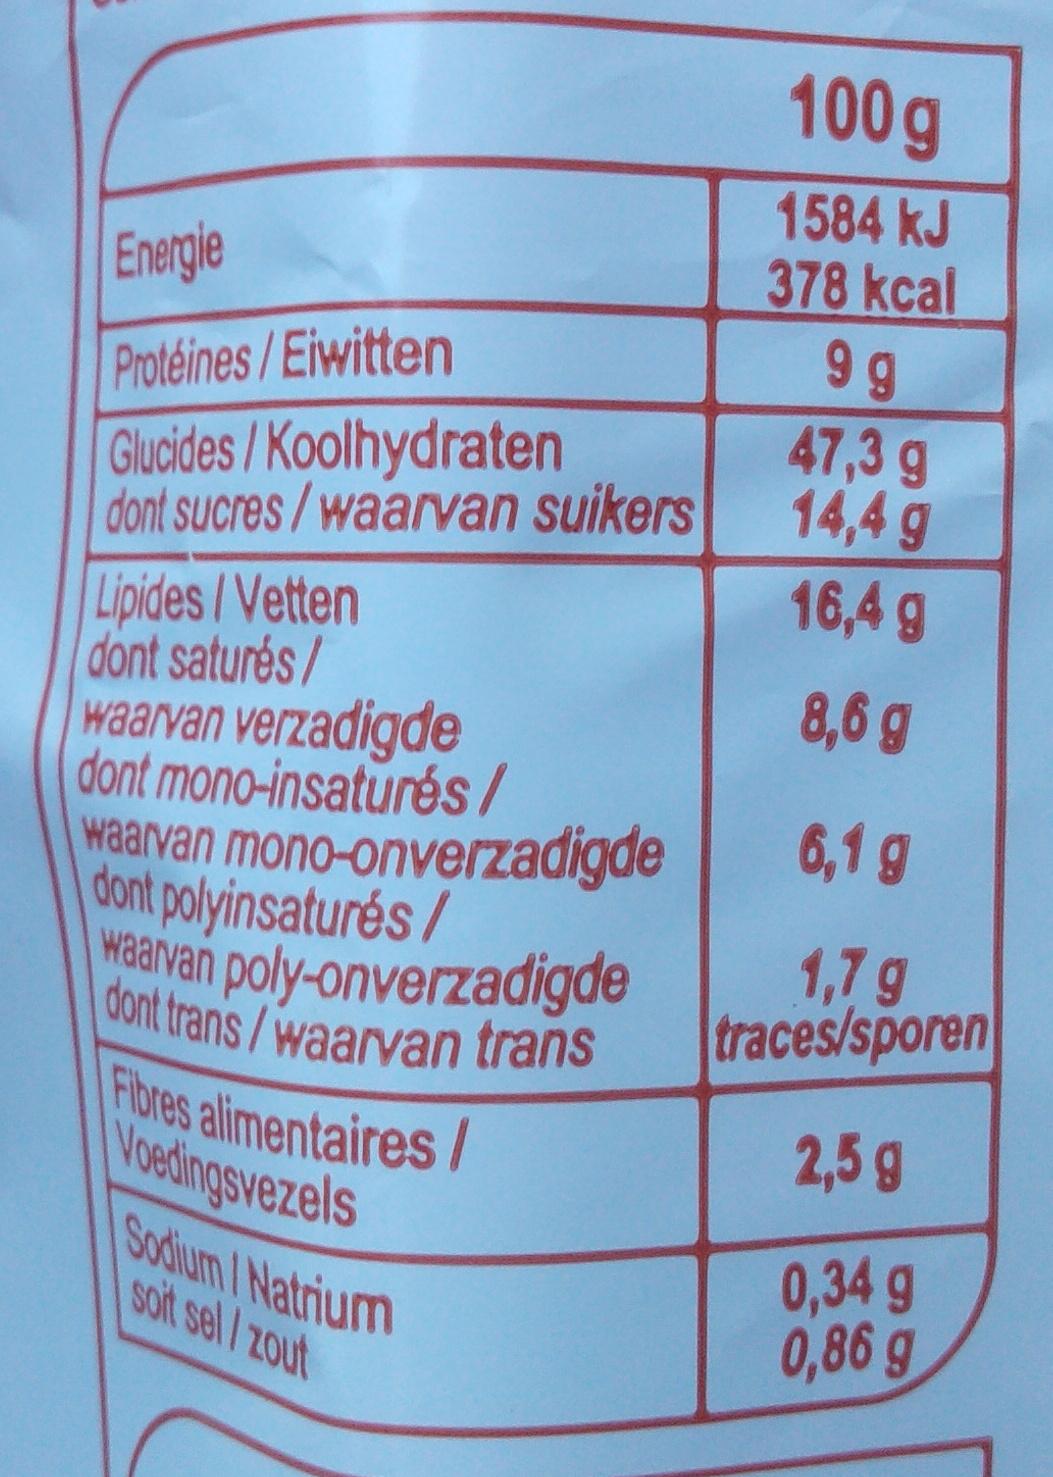 Briochettes aux pépites de chocolat - Informations nutritionnelles - fr